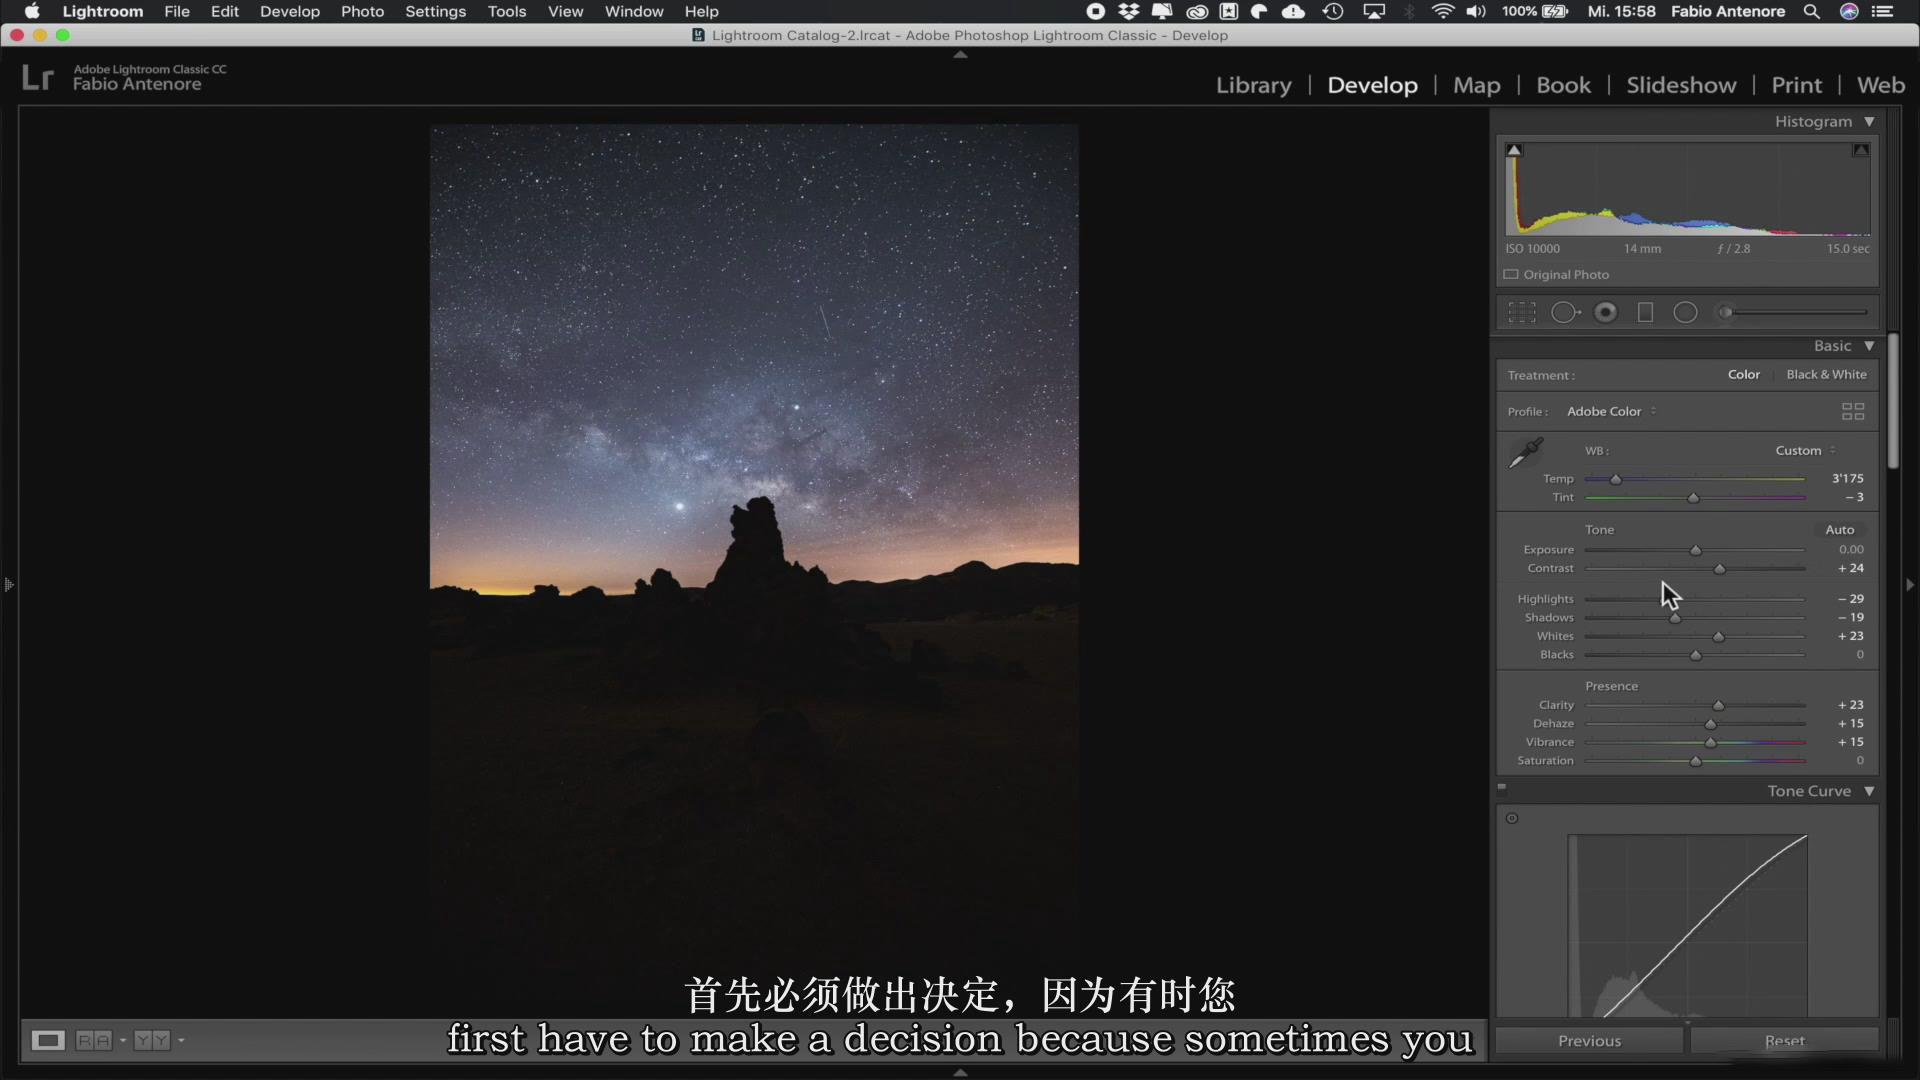 摄影教程_Fabio Antenore-超级真实银河系夜景风光摄影及后期附扩展素材-中英字幕 摄影教程 _预览图21